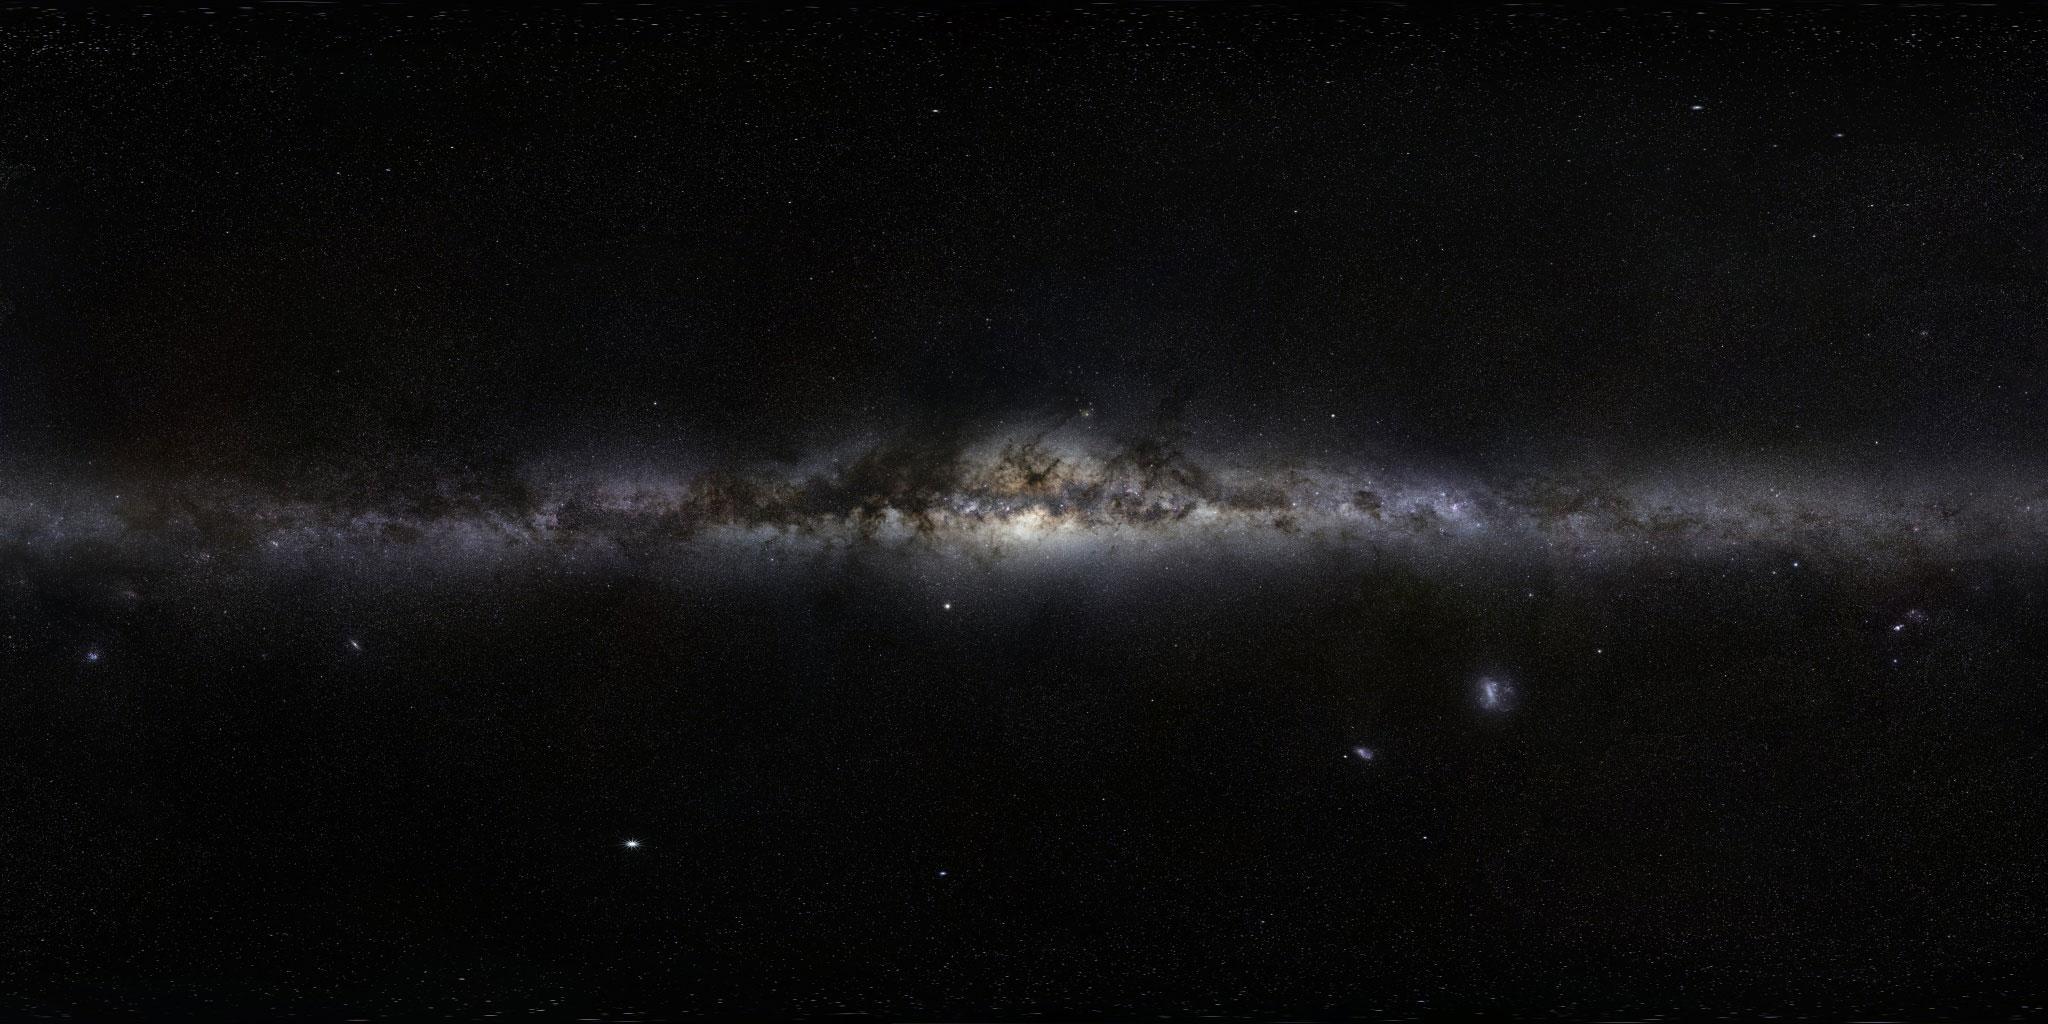 Samanyolu'nun 800 milyon piksellik fotoğrafı. [ESO / Serge Brunier, Frederic Tapissier]